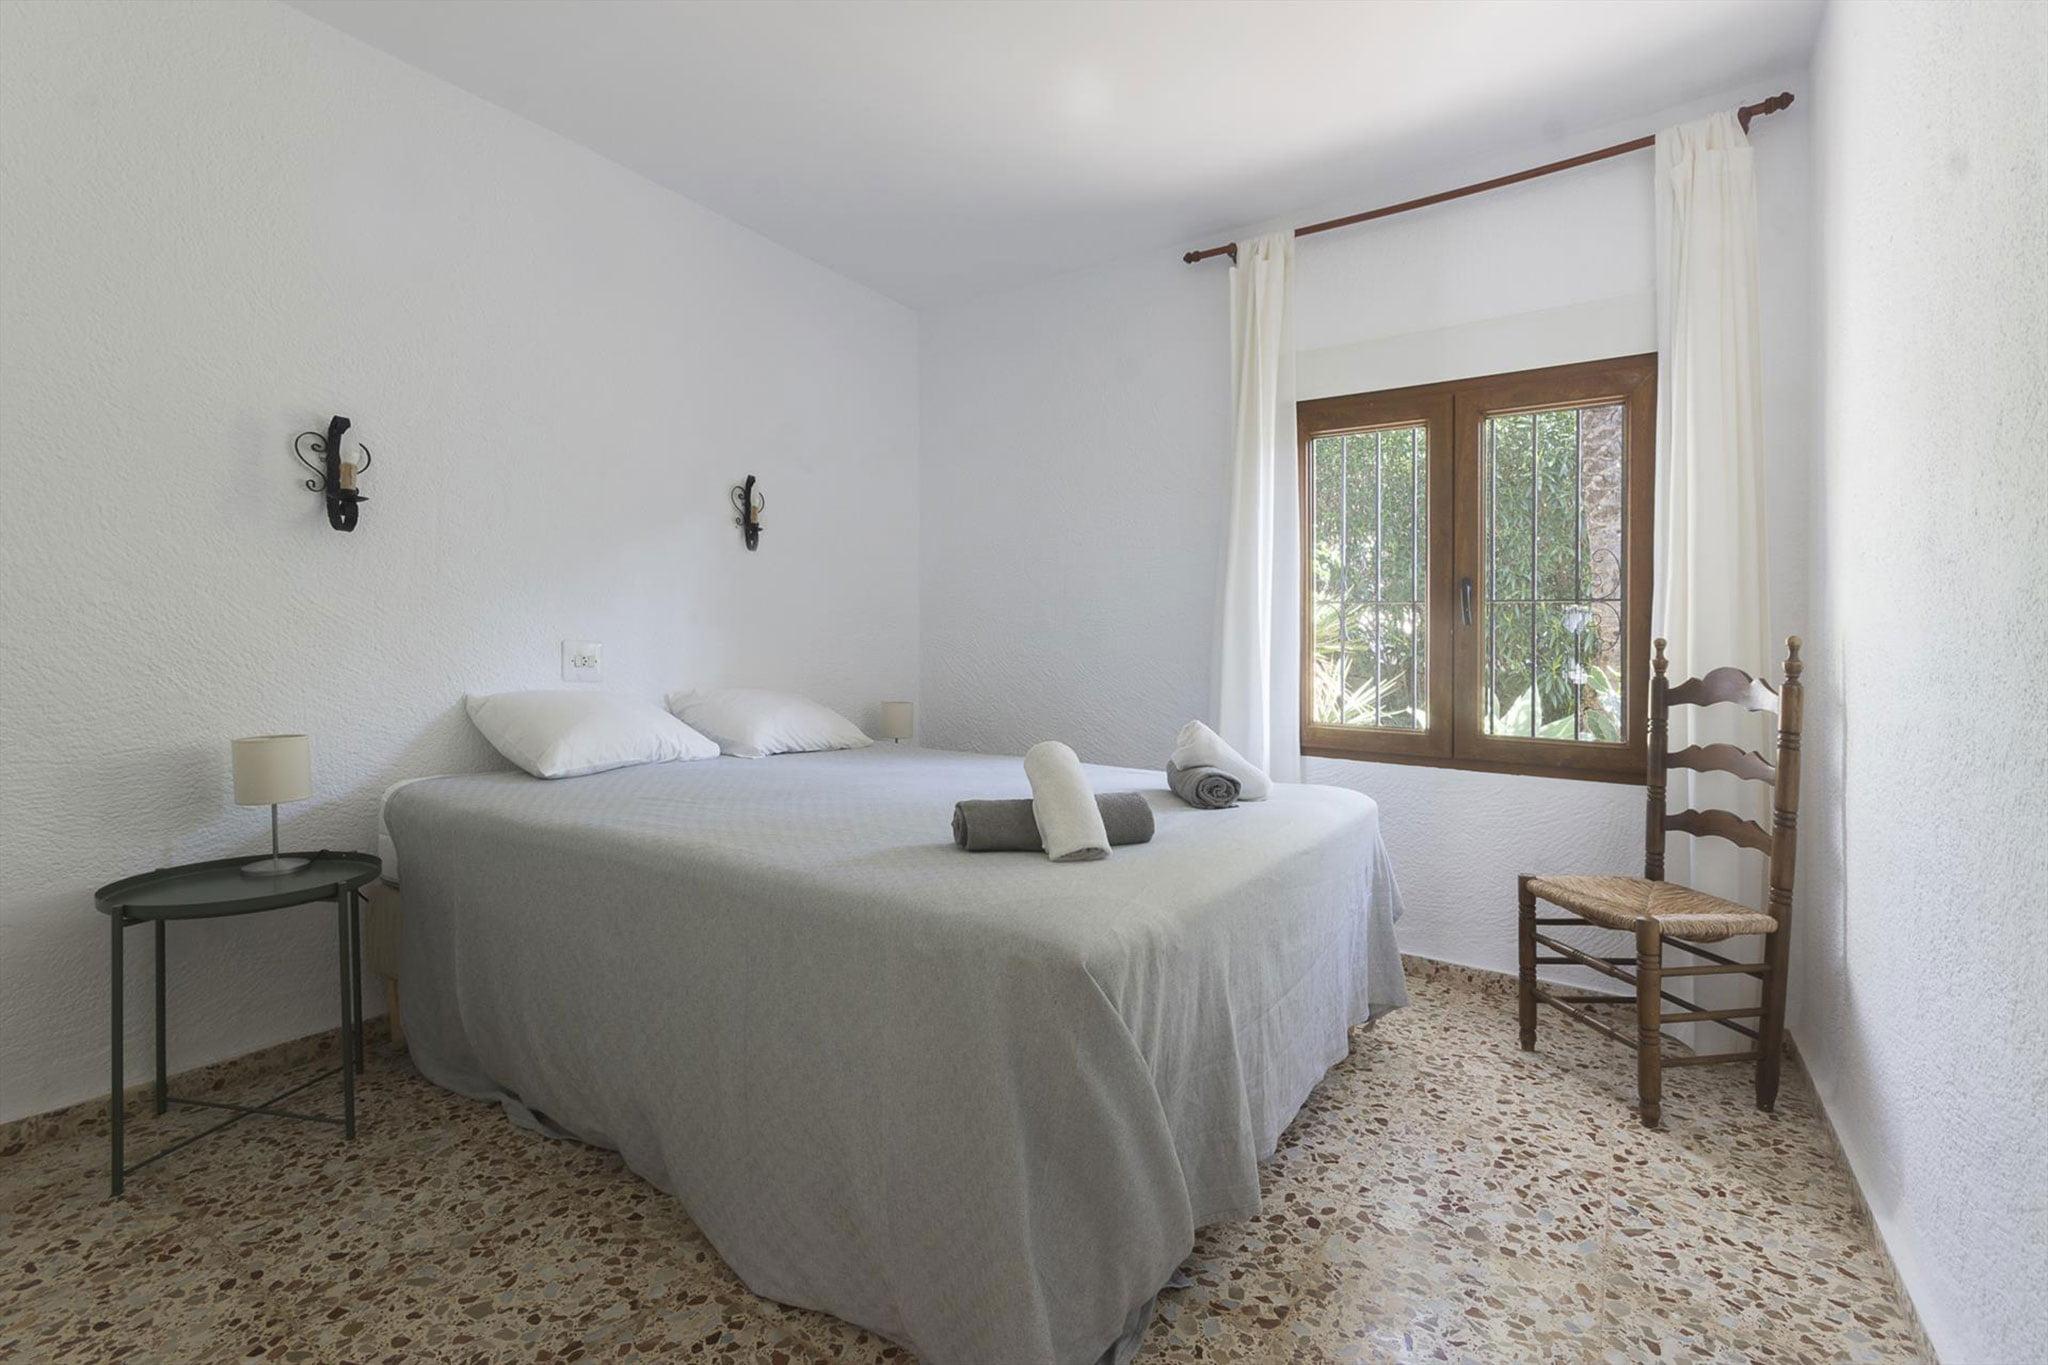 Una de las habitaciones de una casa de vacaciones en alquiler en Jávea – MMC Property Services